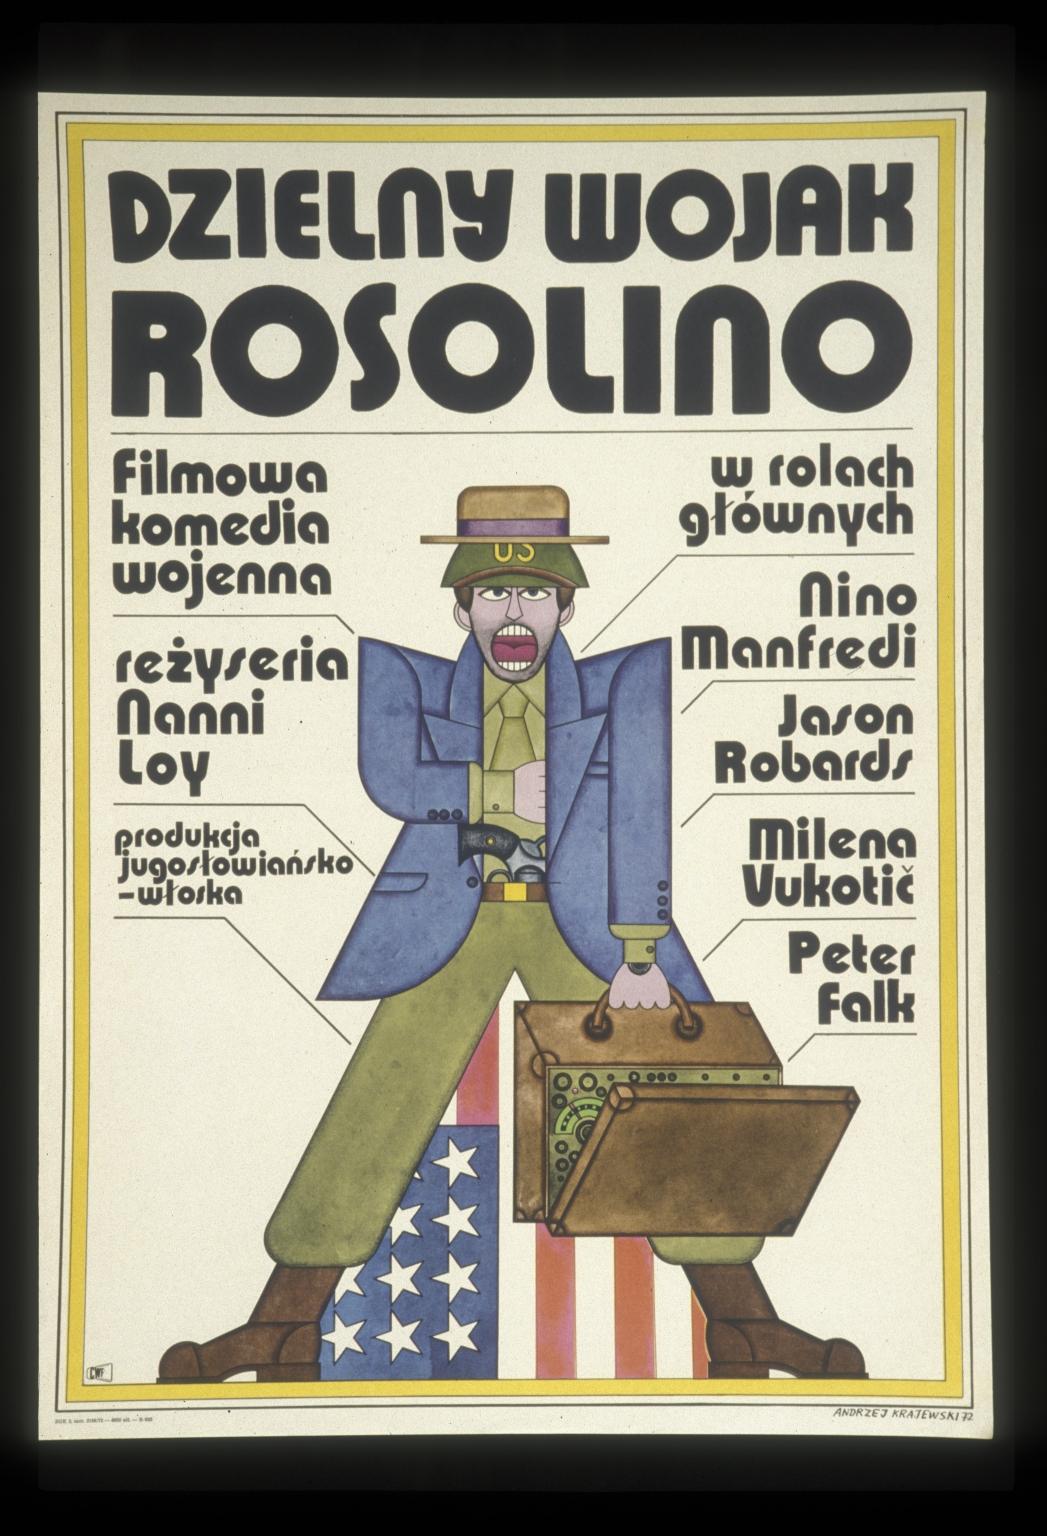 Dzielny Wojak Rosolino: filmowa komedia wojenna